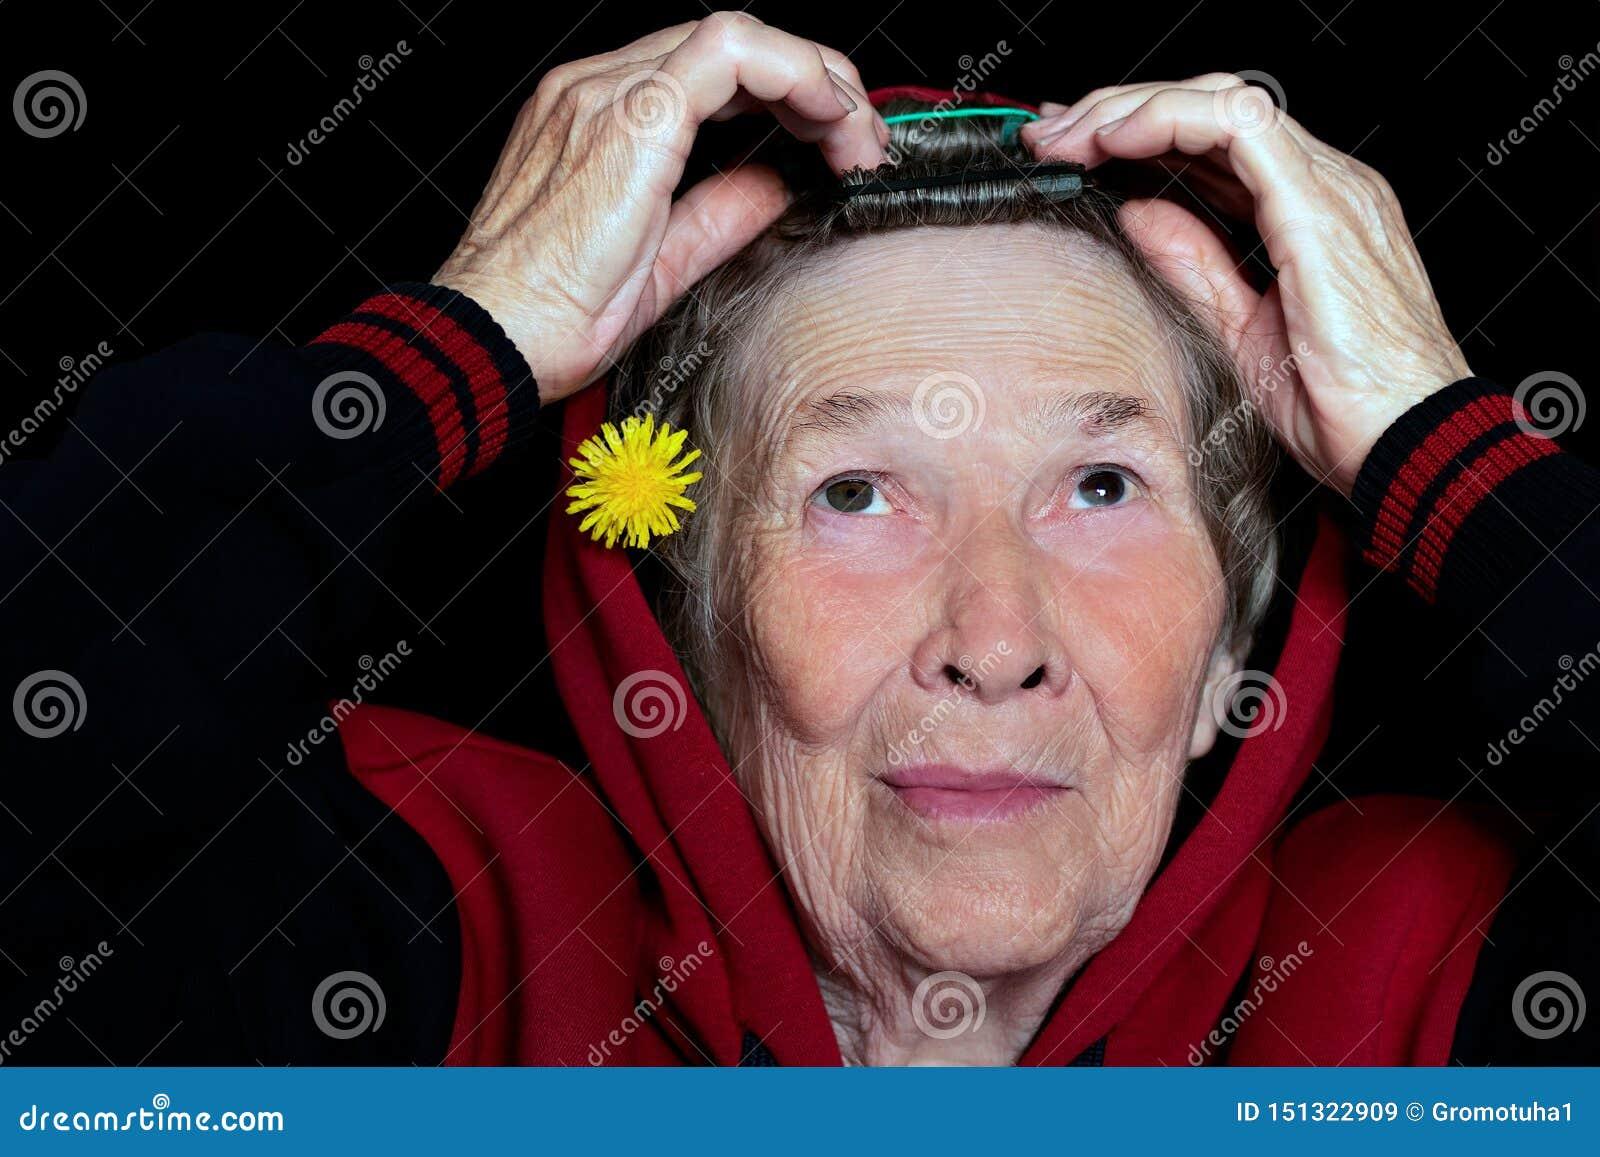 Portret van een bejaarde met grijs haar die haar haar doen en het verfraaien met een paardebloembloem